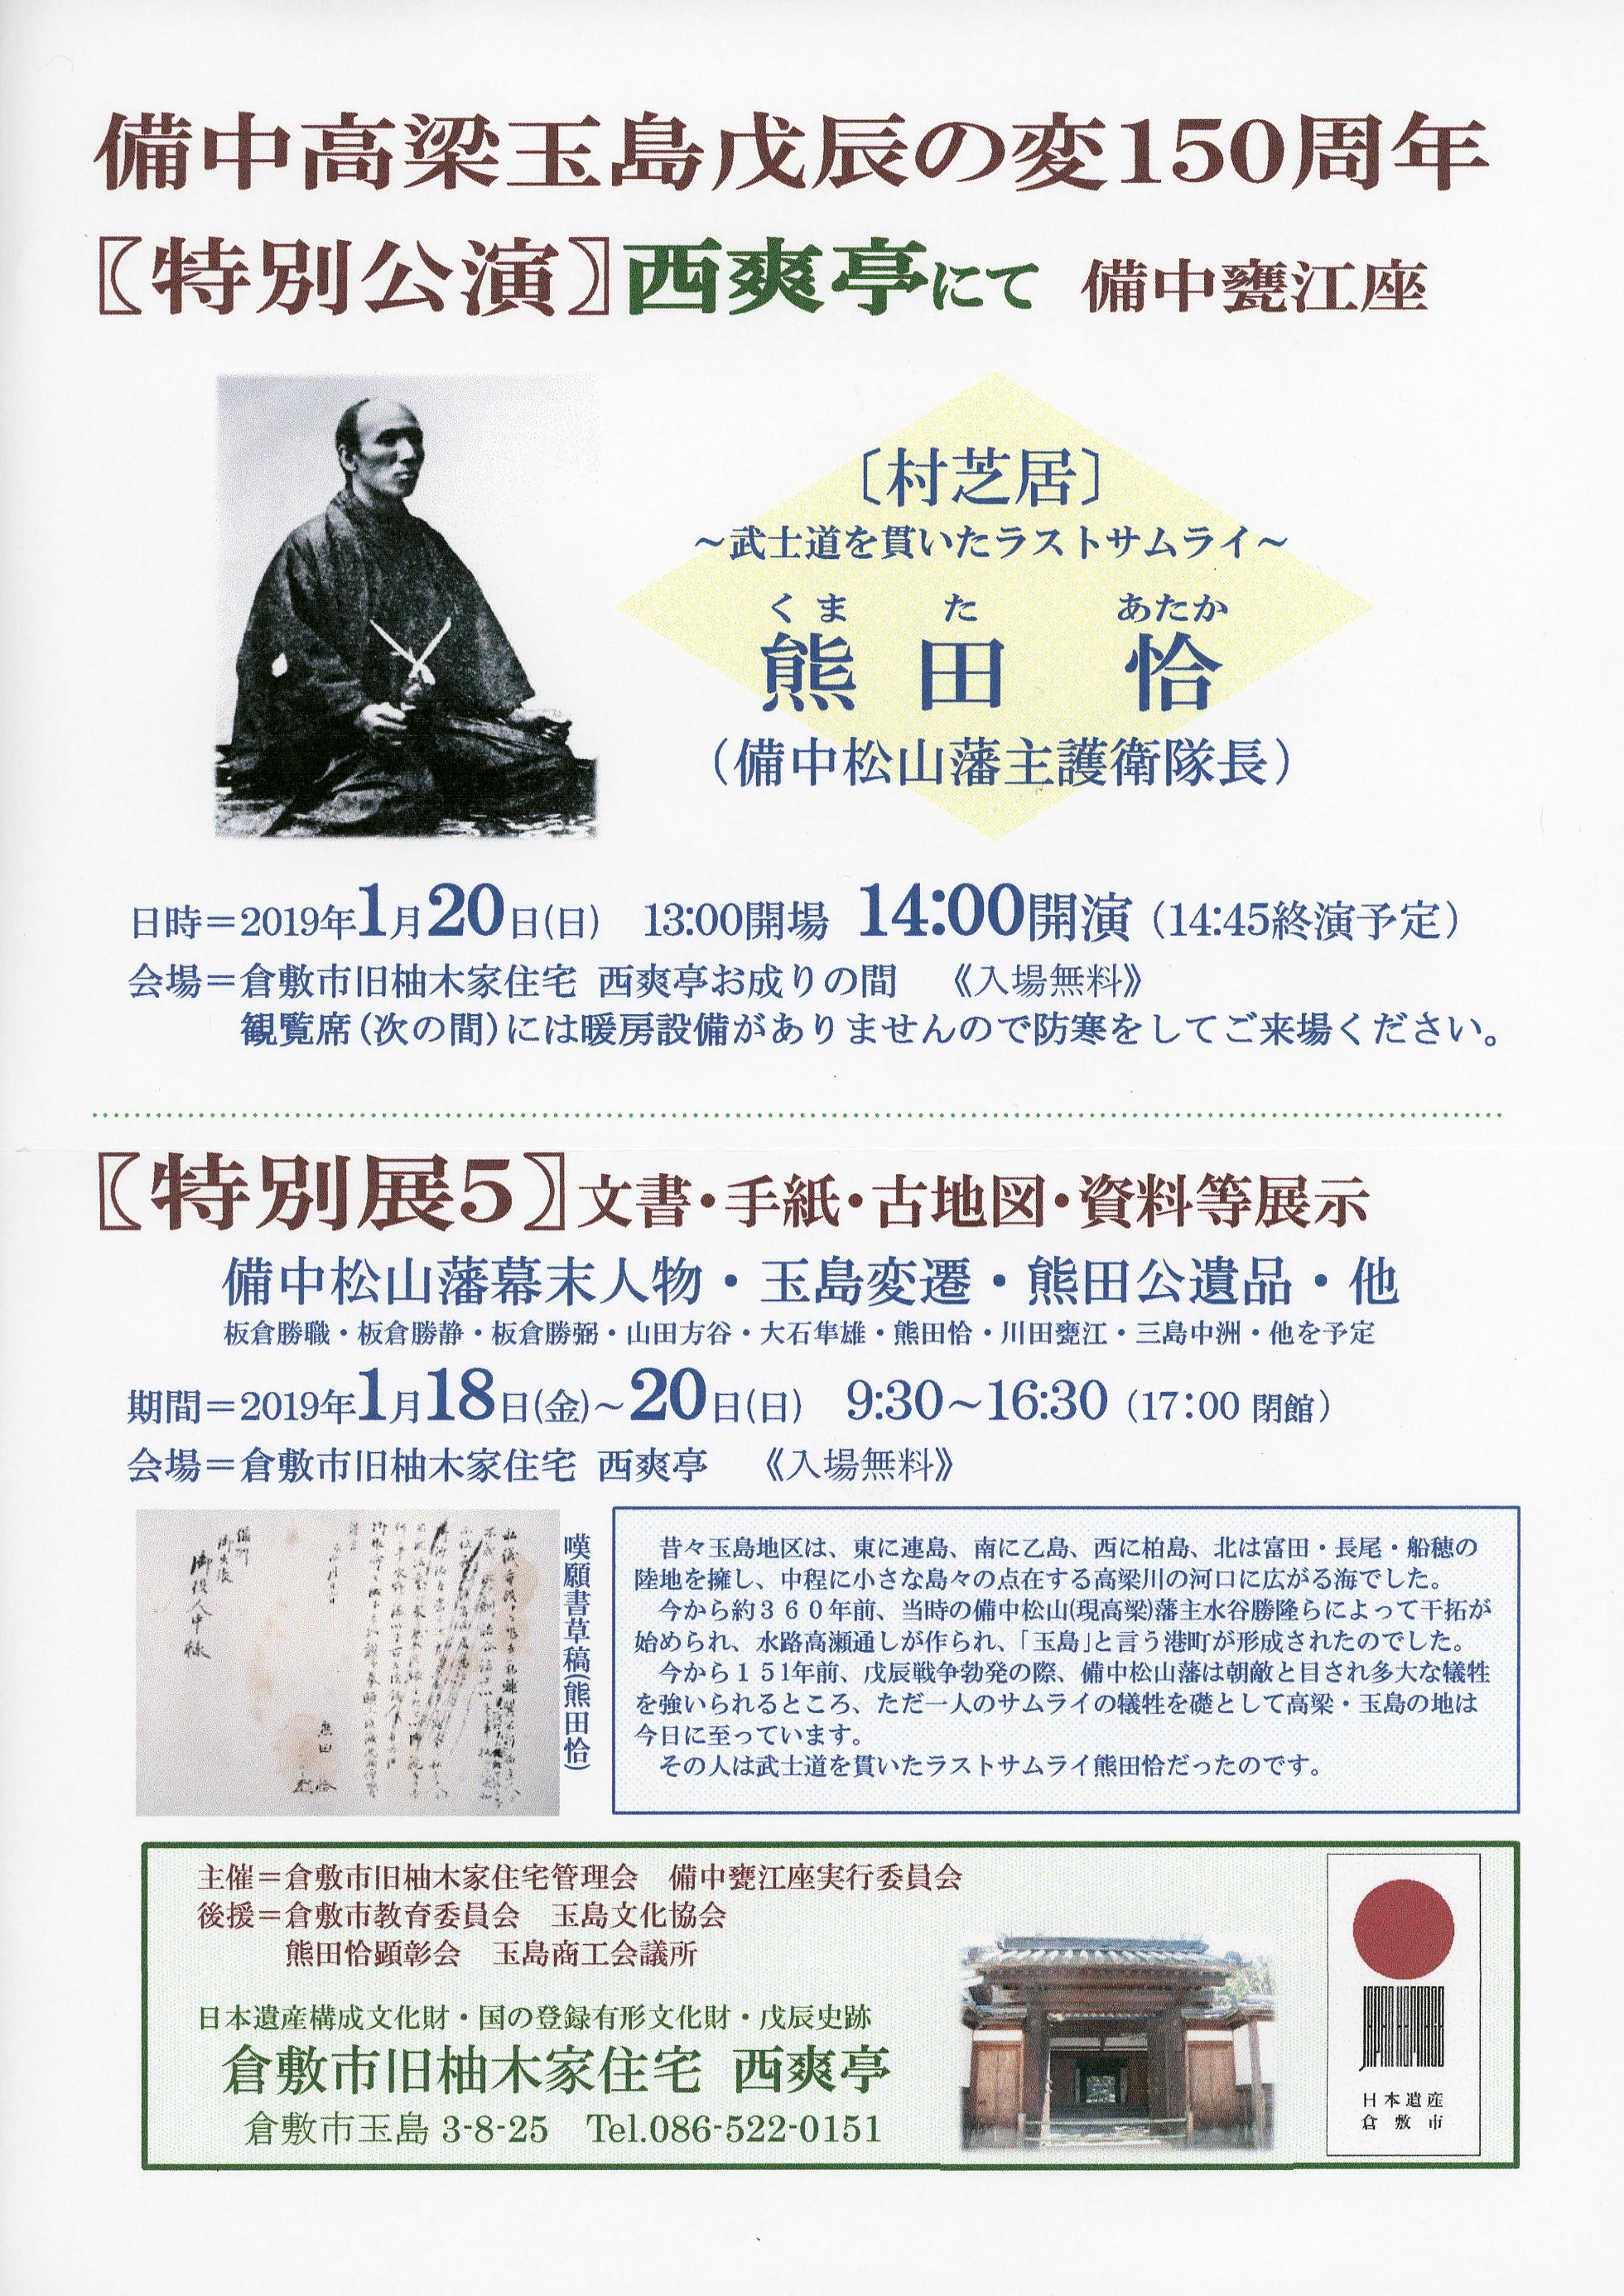 備中高梁玉島戊辰の変150年 特別公演・特別展